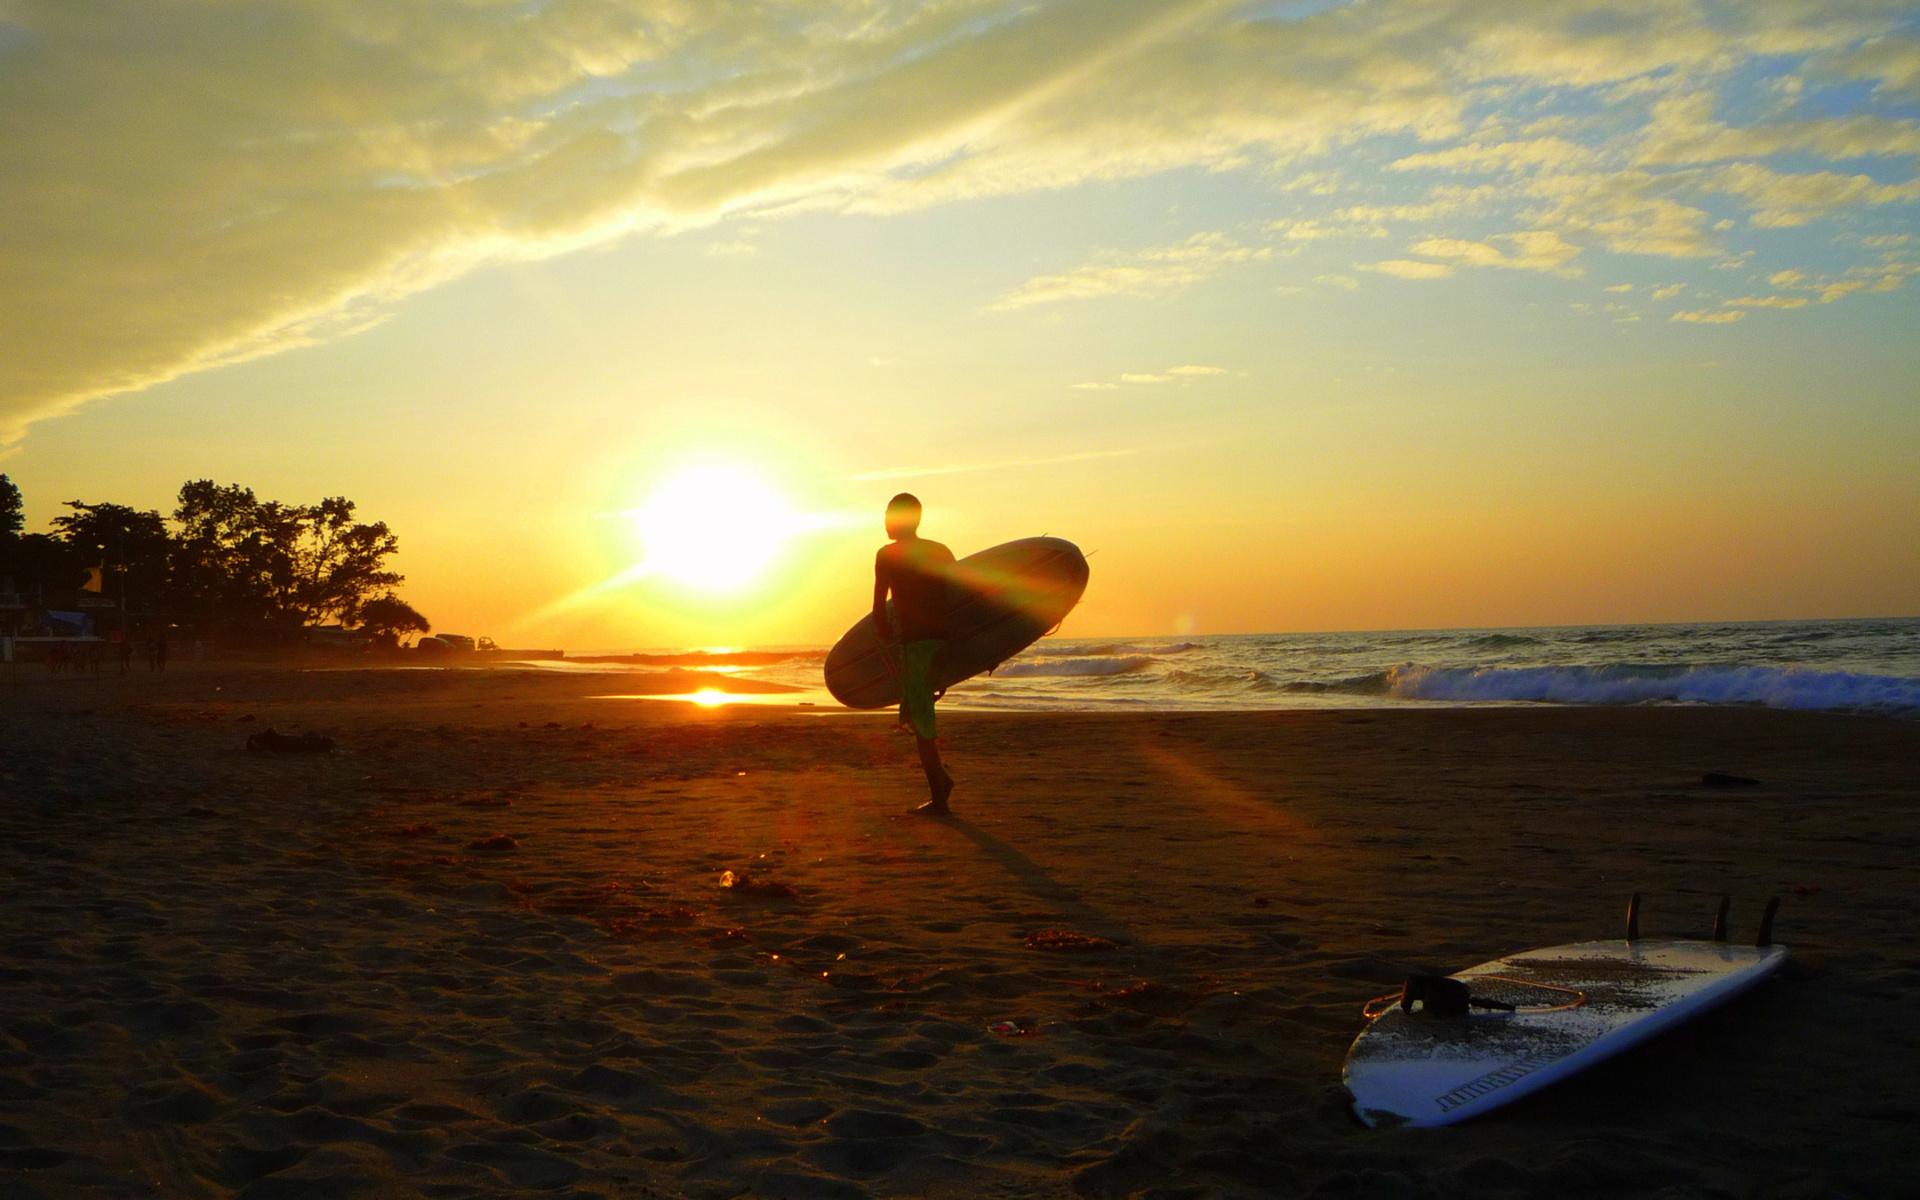 Surfing Board Beaches Sunset Ocean Wallpaper